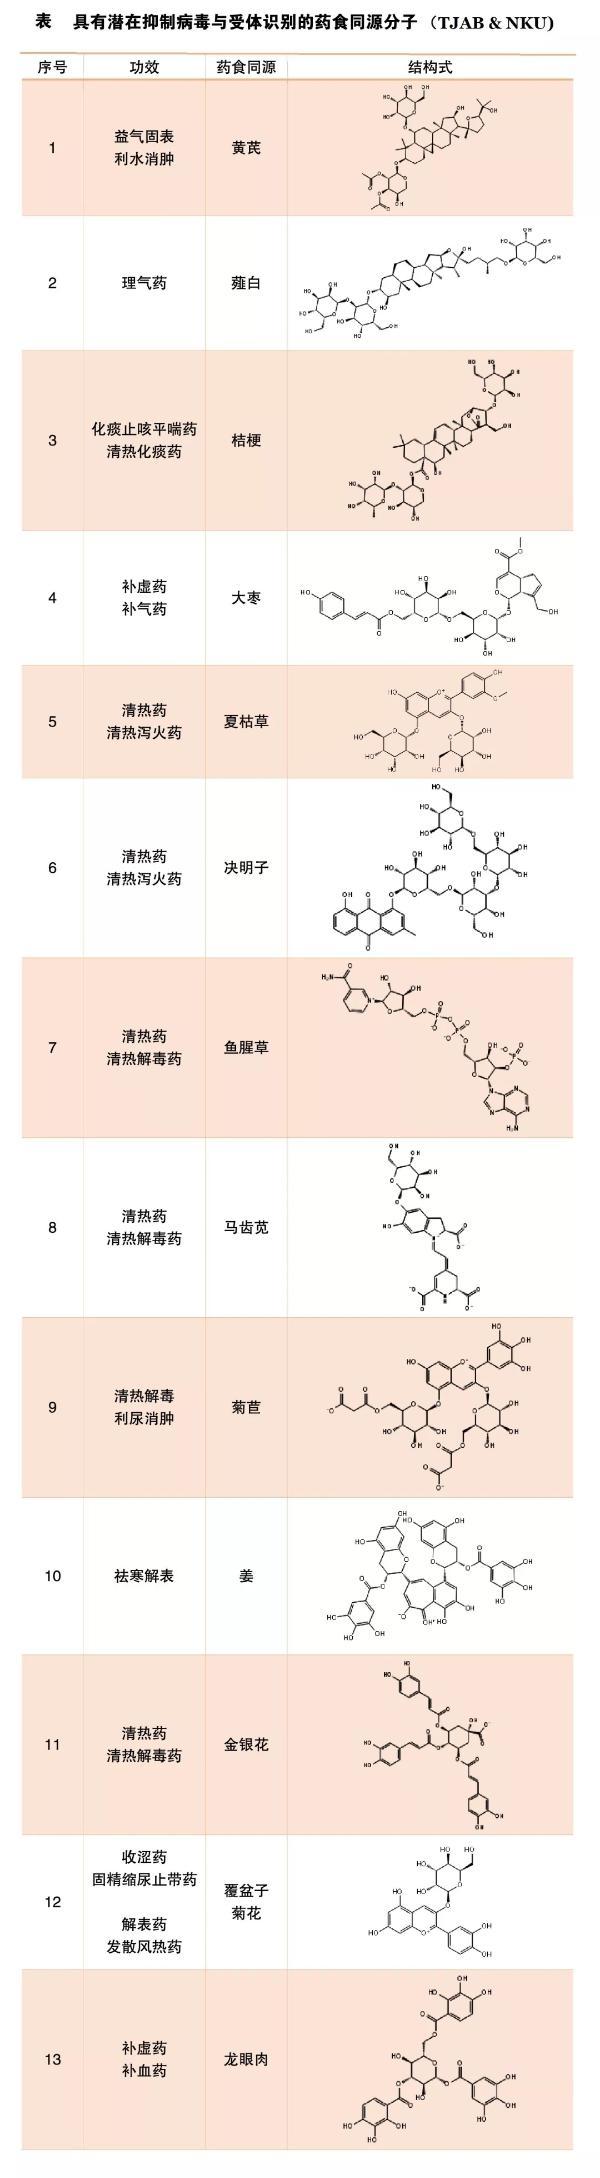 天津新型冠状病毒药物研发极北尘风取得新进展